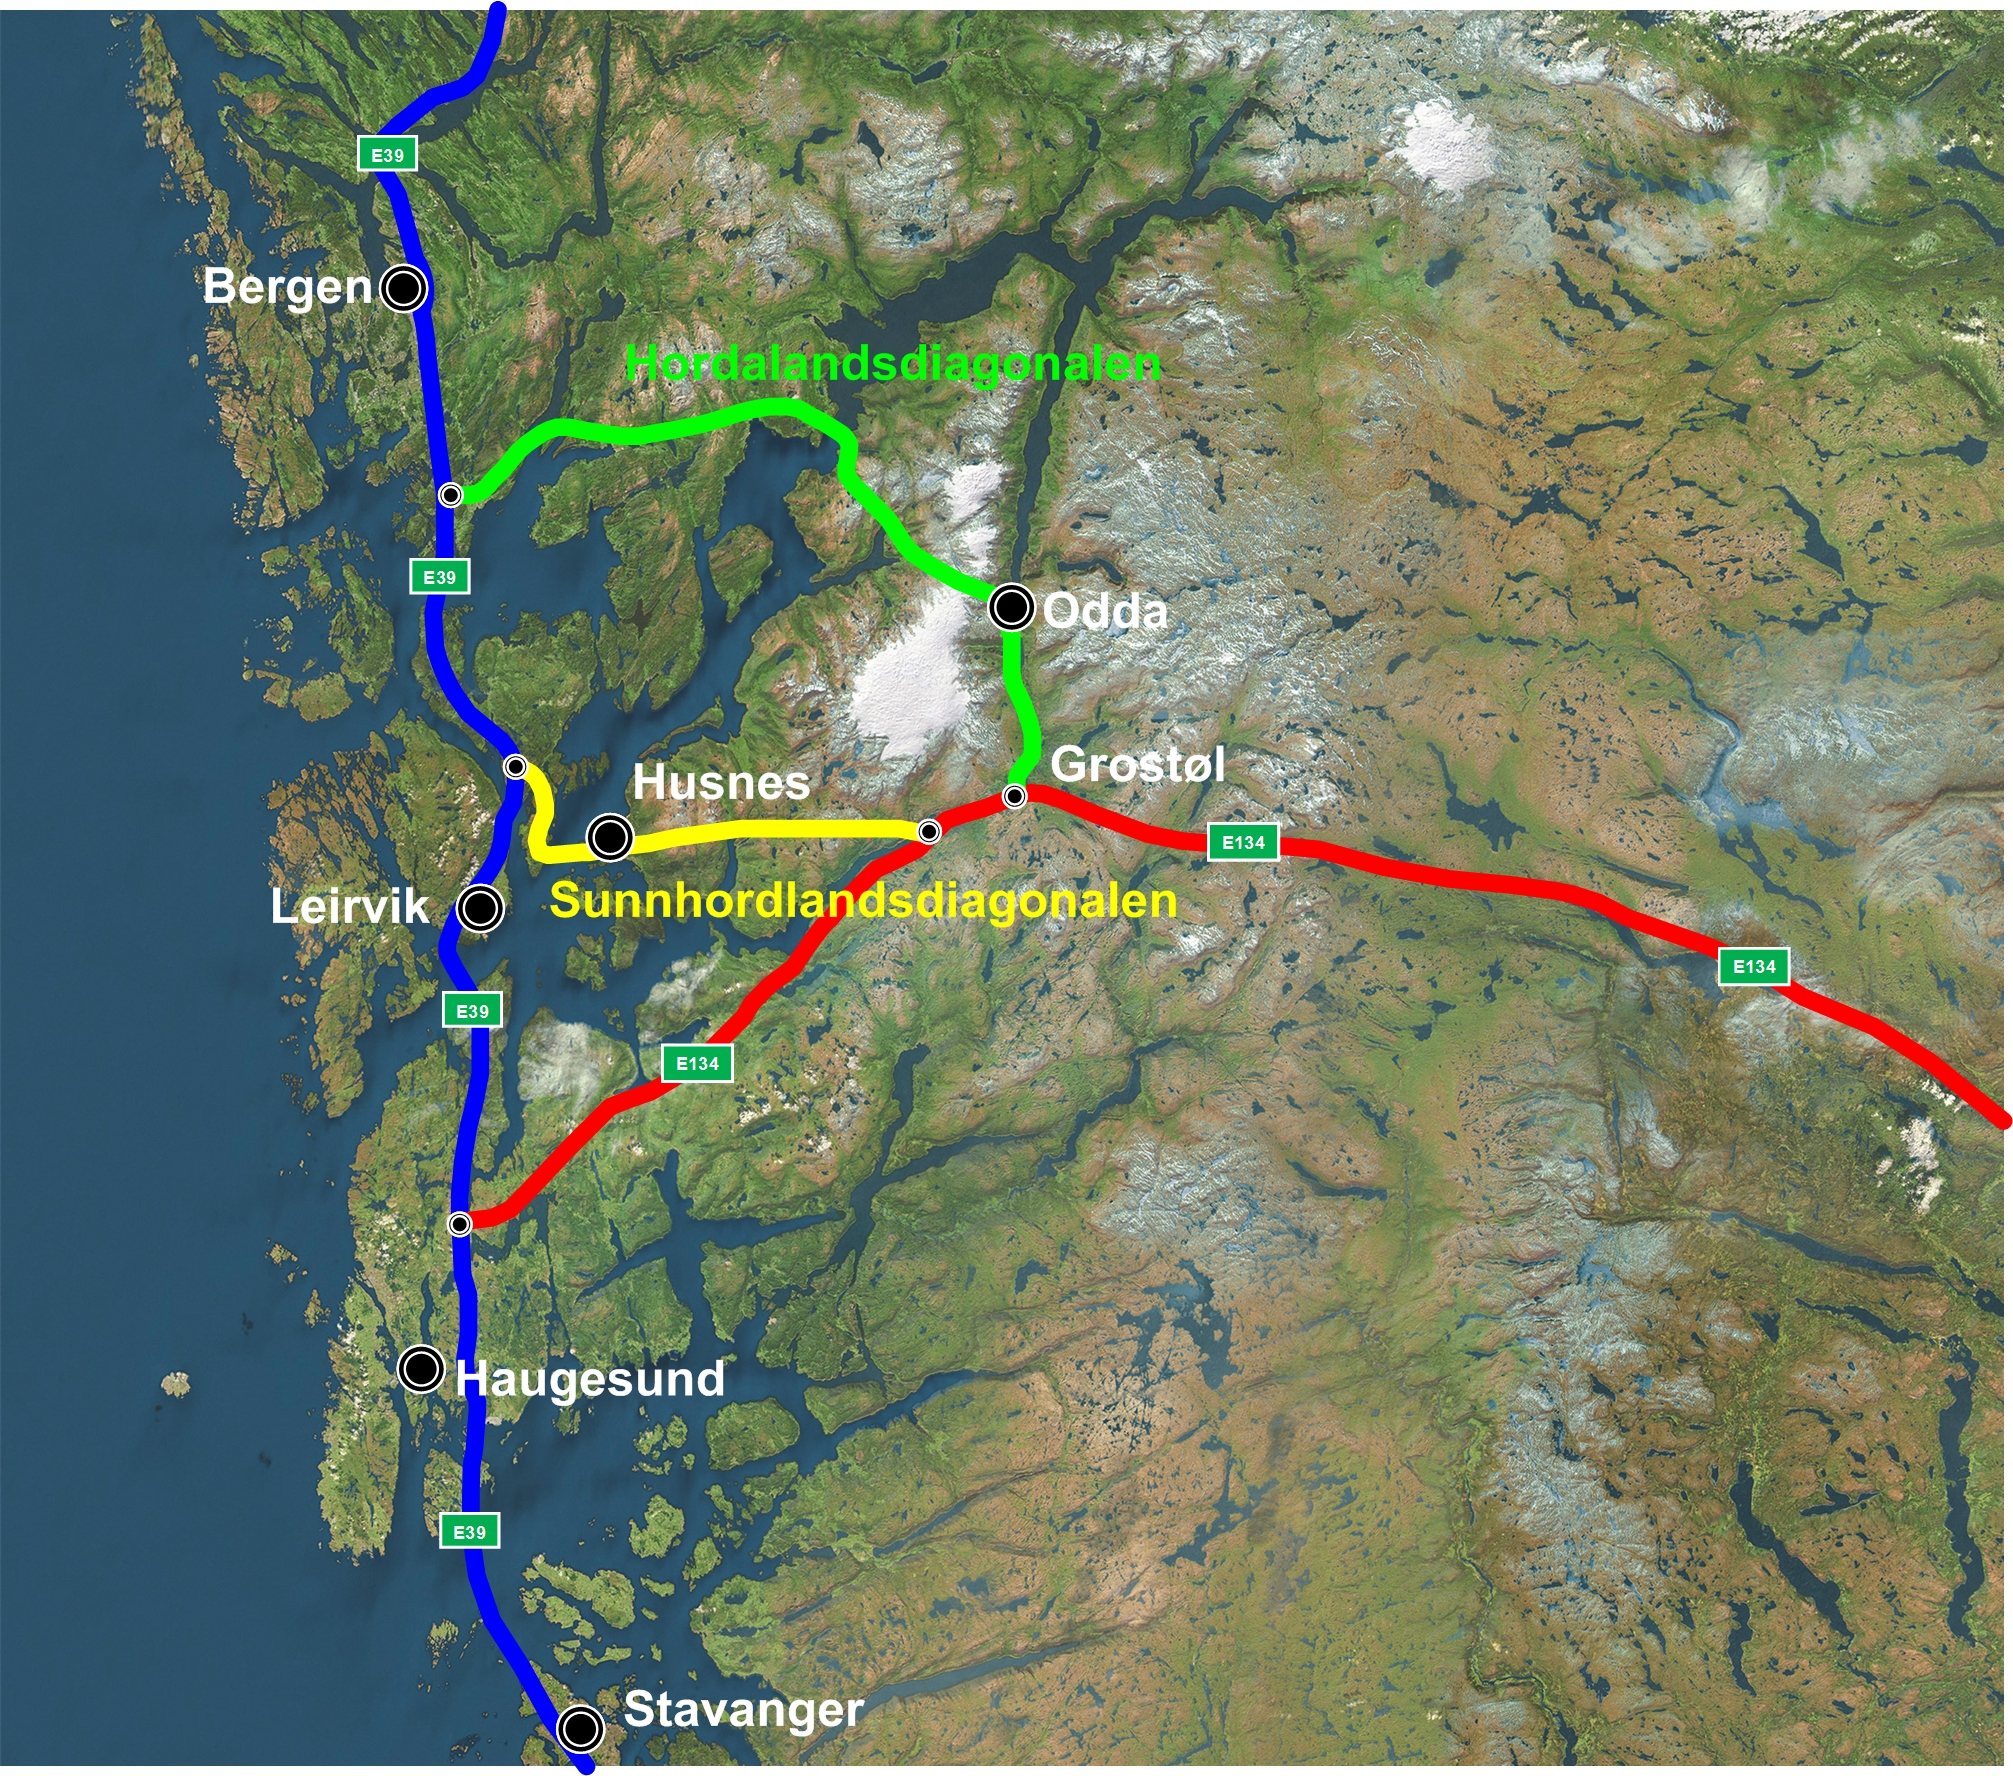 topografisk kart bergen Sunnhordlandsdiagonalen – Raskaste vegen mellom aust og vest topografisk kart bergen